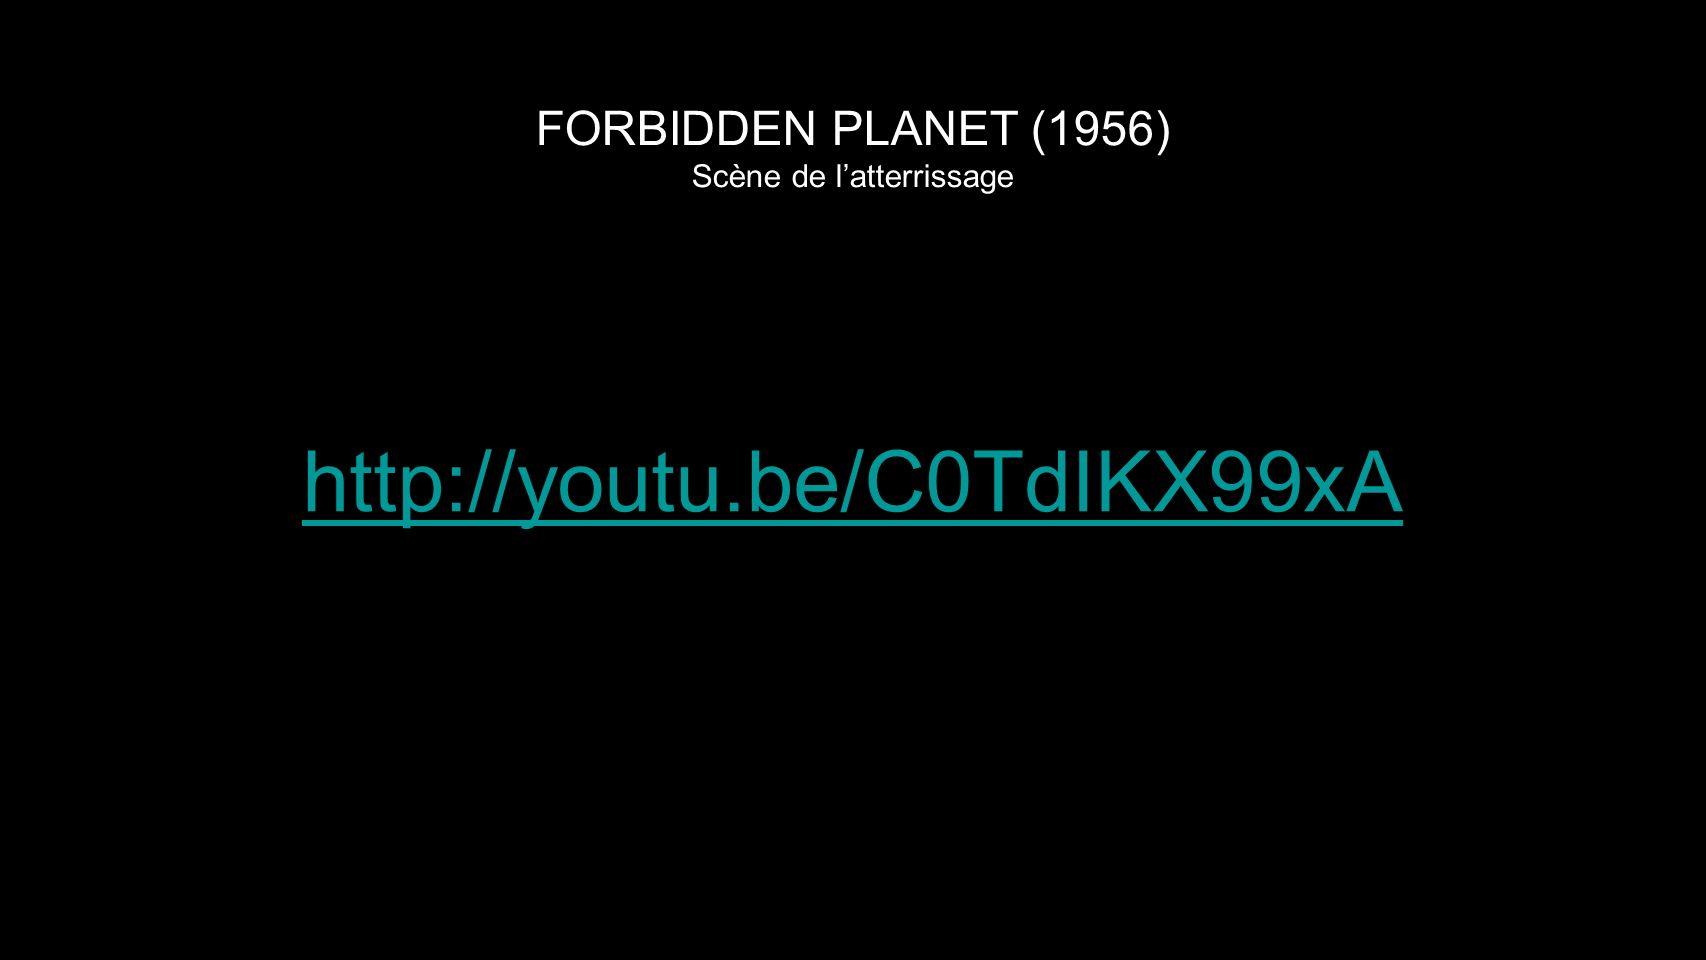 FORBIDDEN PLANET (1956) Scène de l'atterrissage